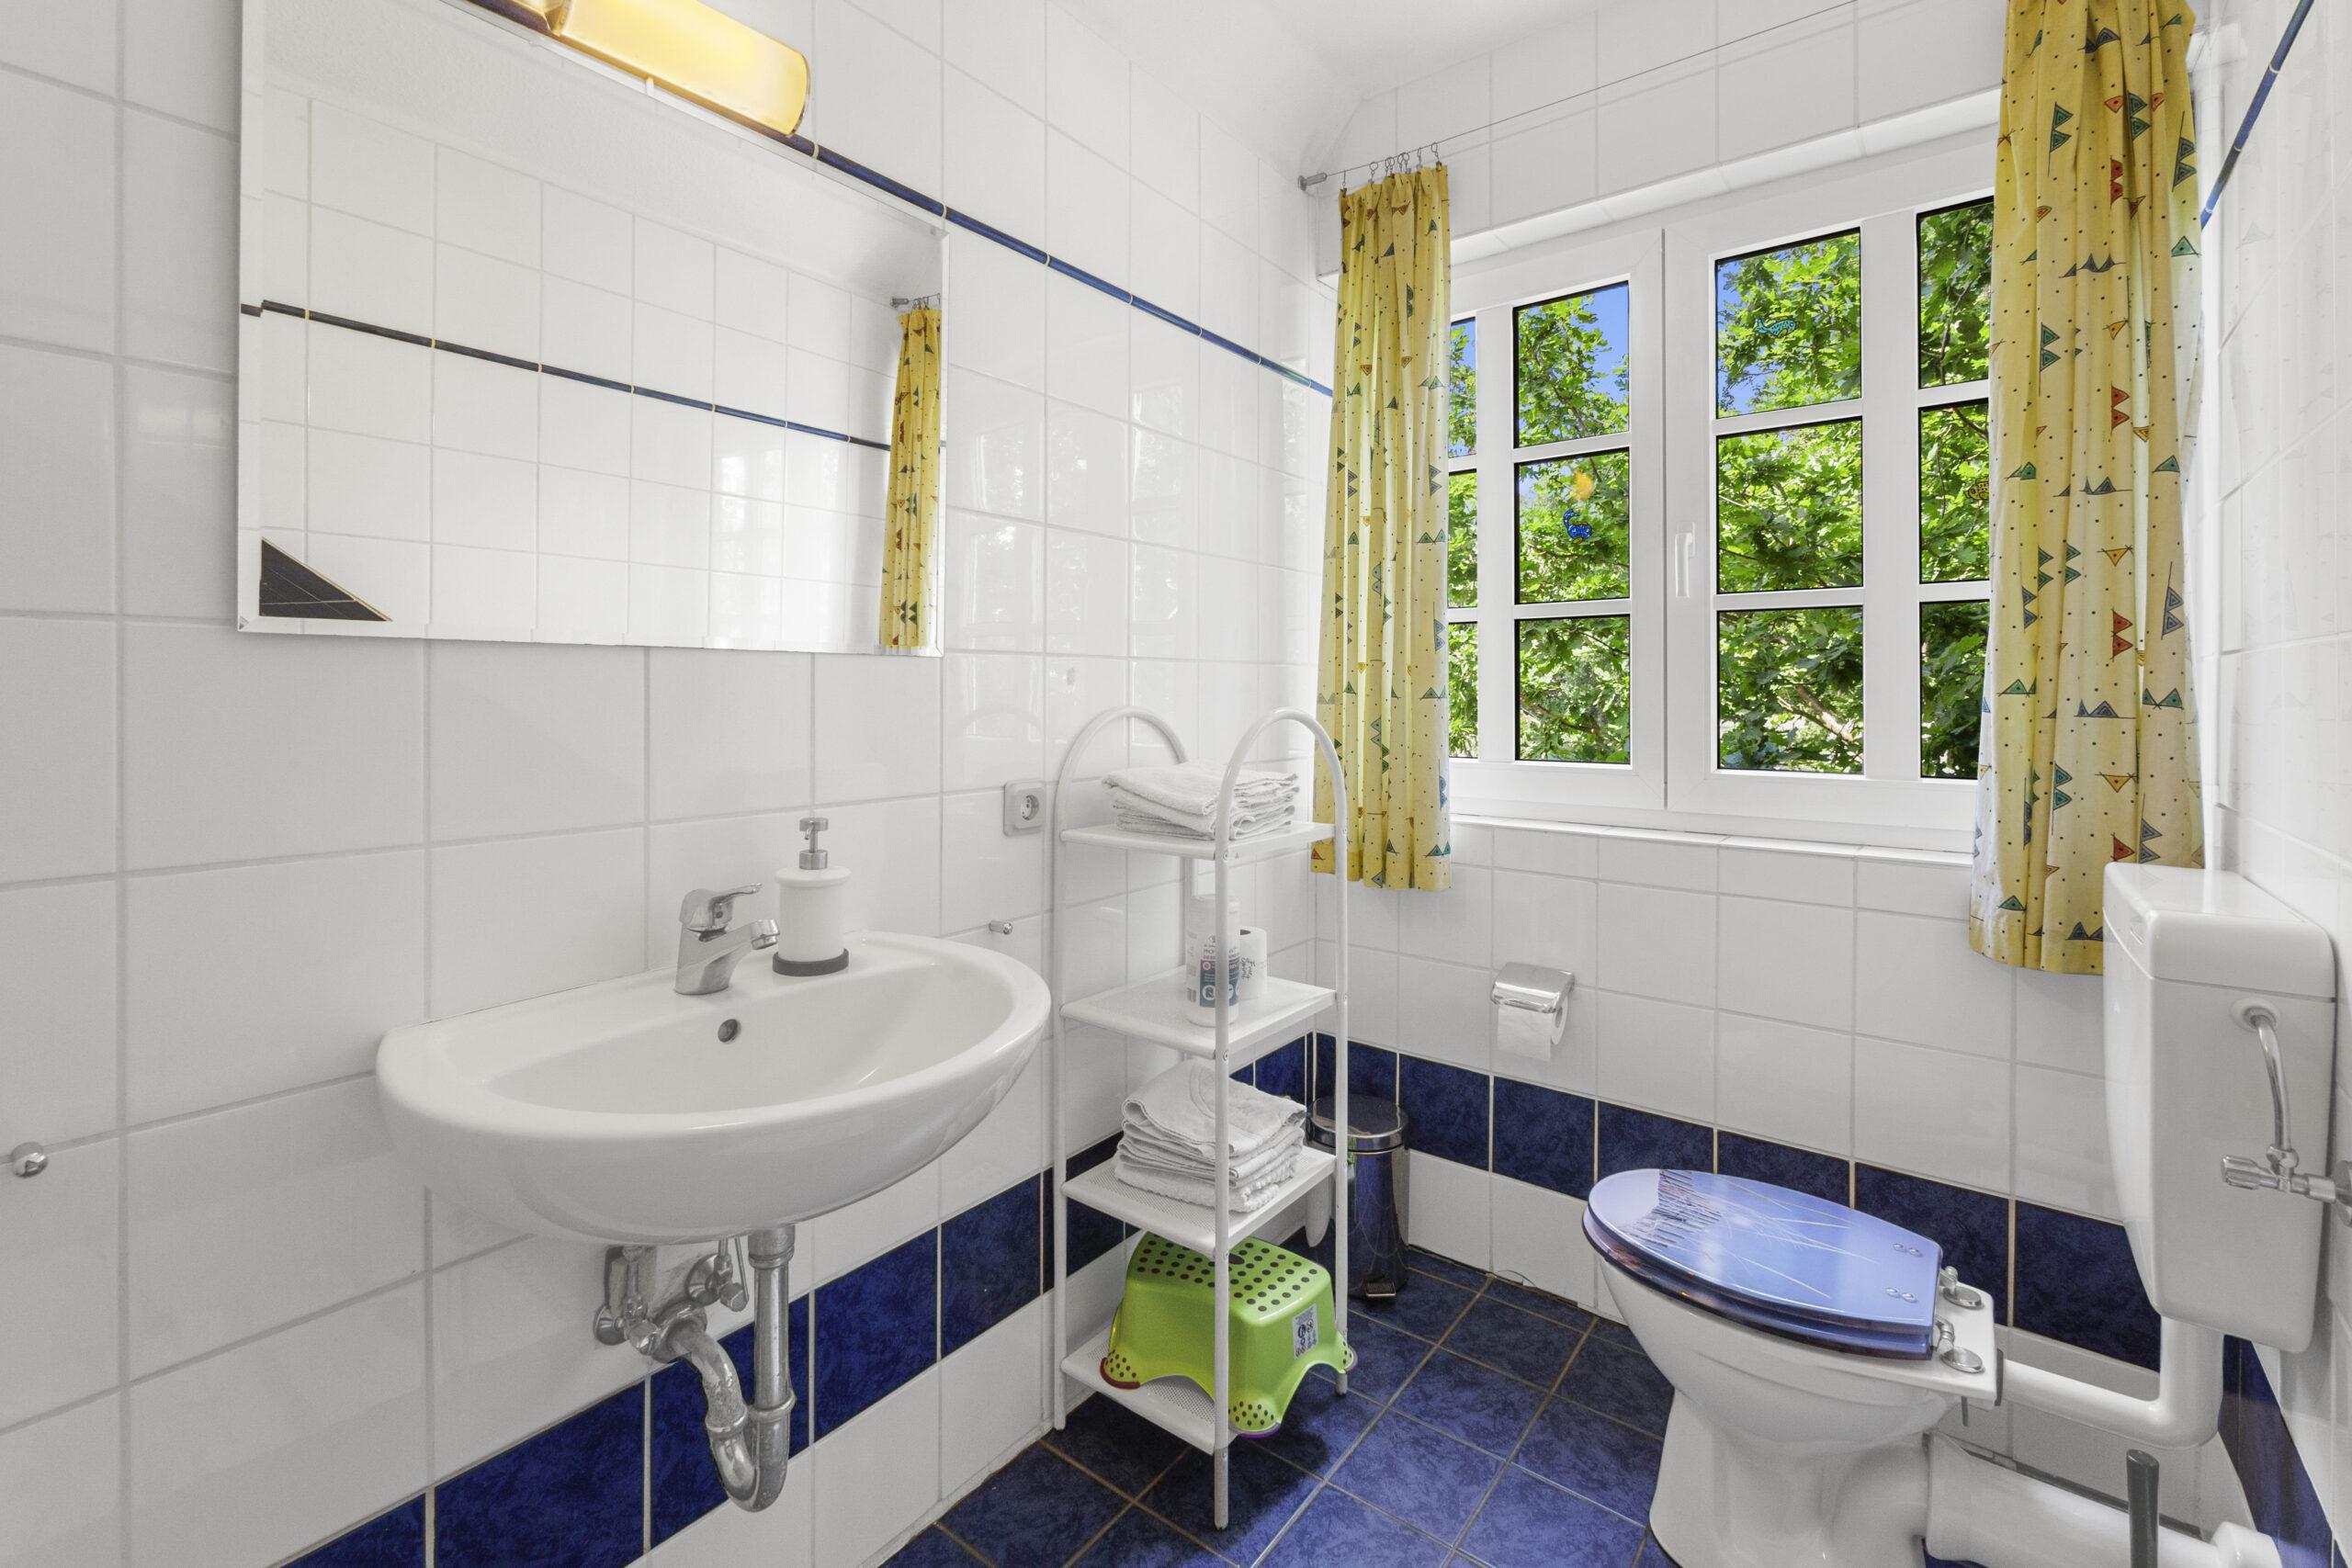 Ferienhaus 2_2.Badezimmer